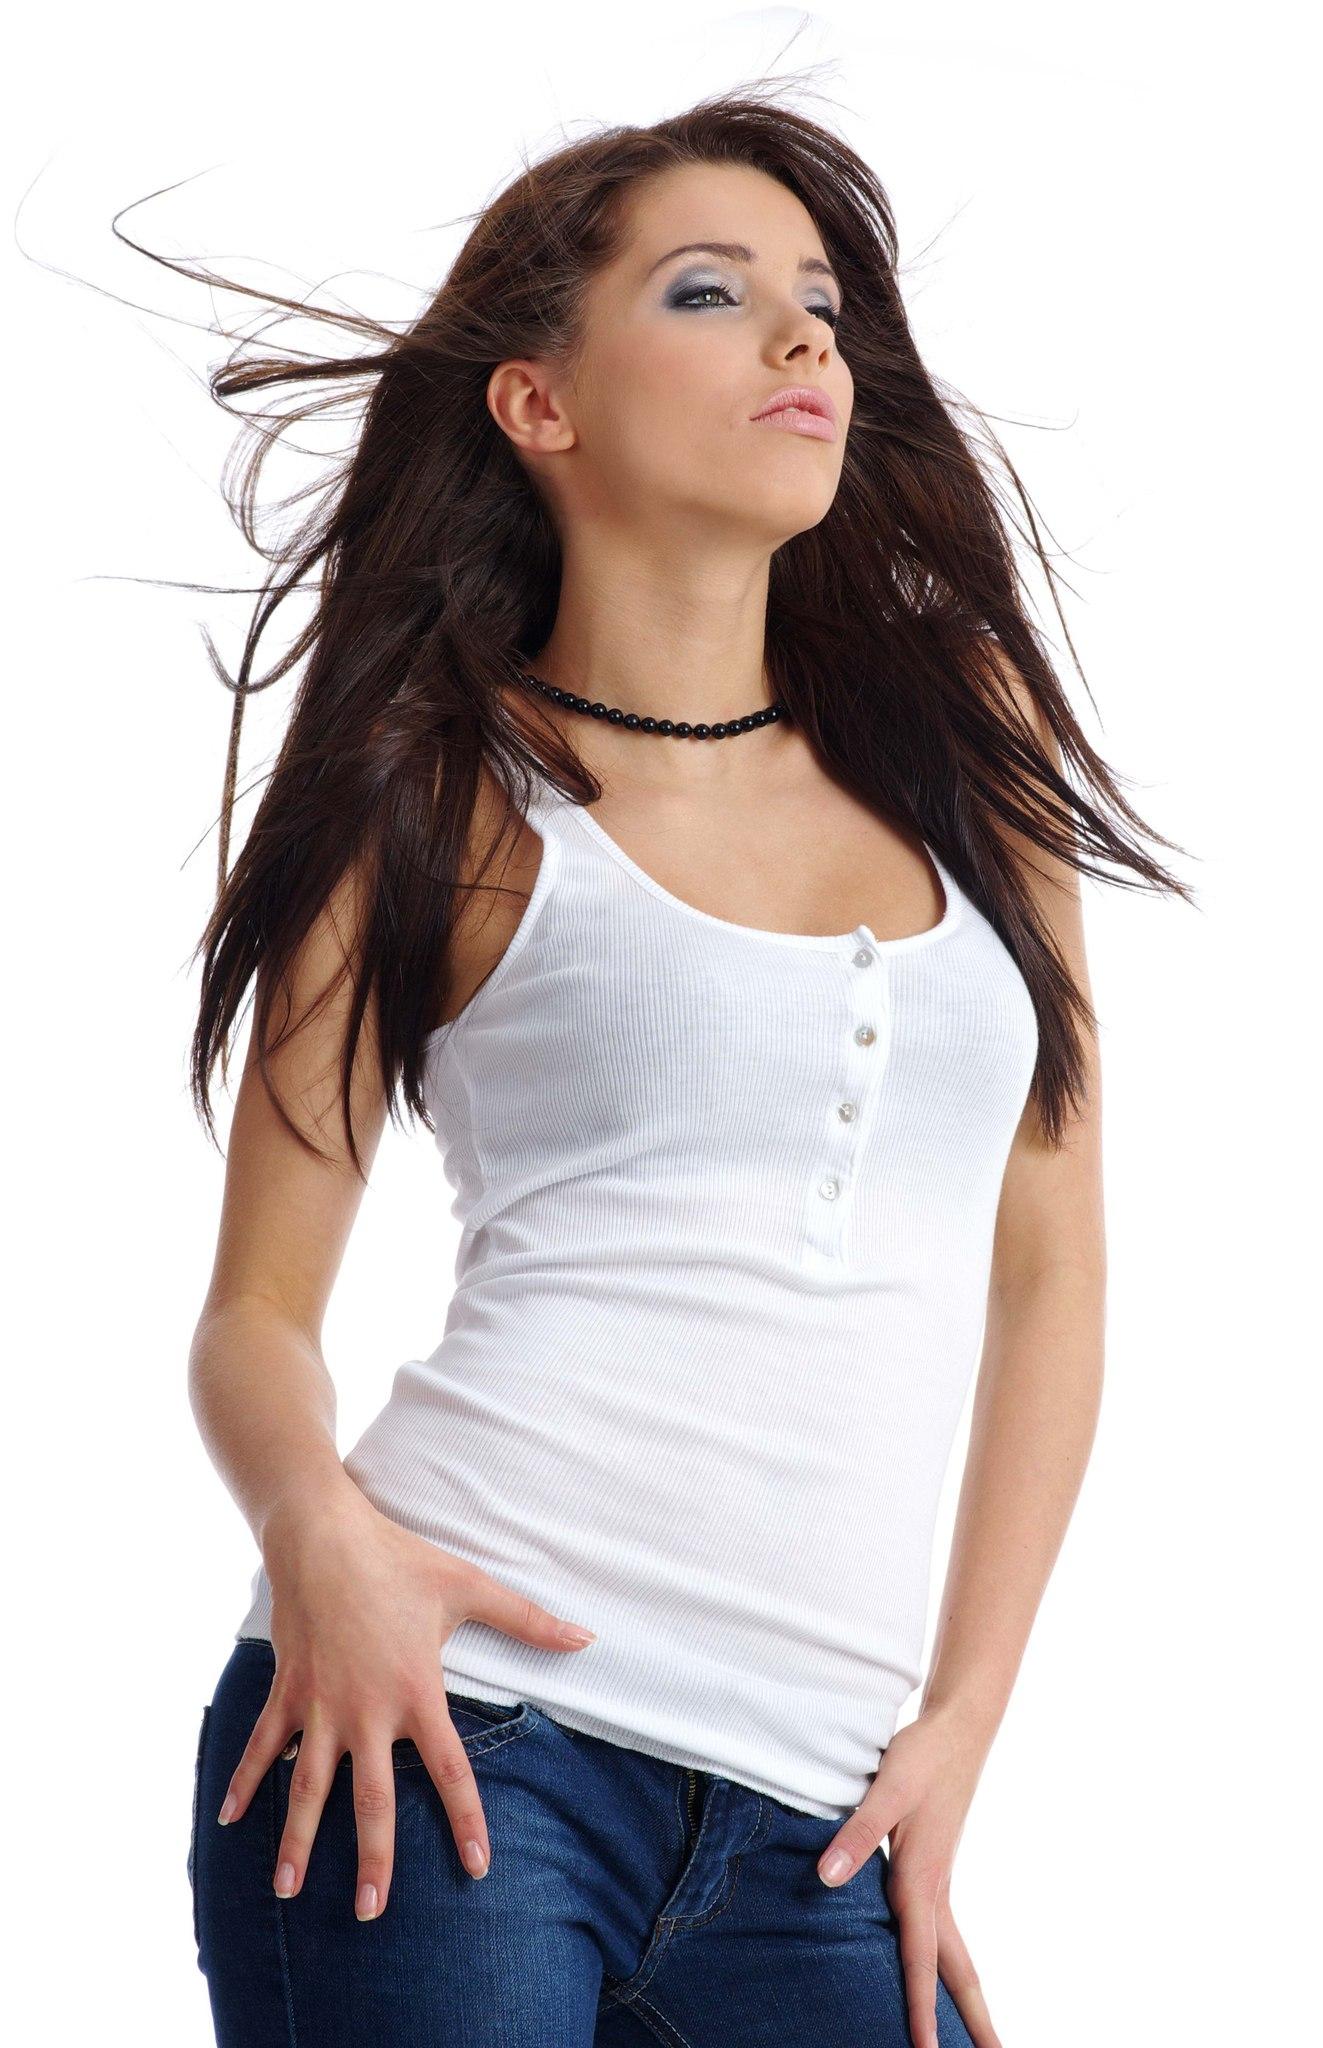 Сексуальна девушка в черных джинсах и синей футболке фото 11 фотография